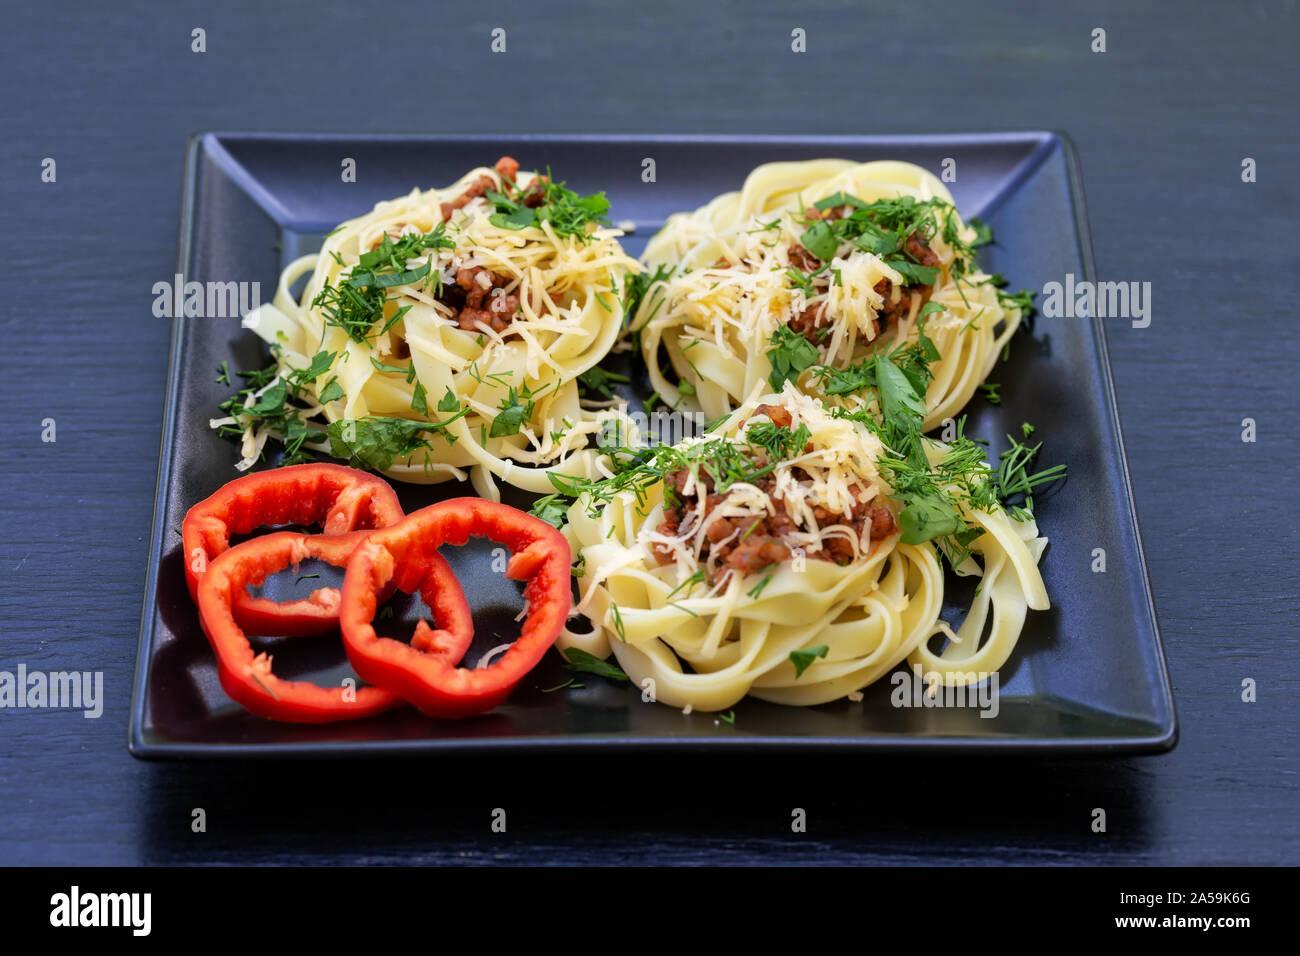 Spaghetti à la viande fromage râpé et poivron rouge sur une plaque noire. Fond noir. Plat italien traditionnel Banque D'Images